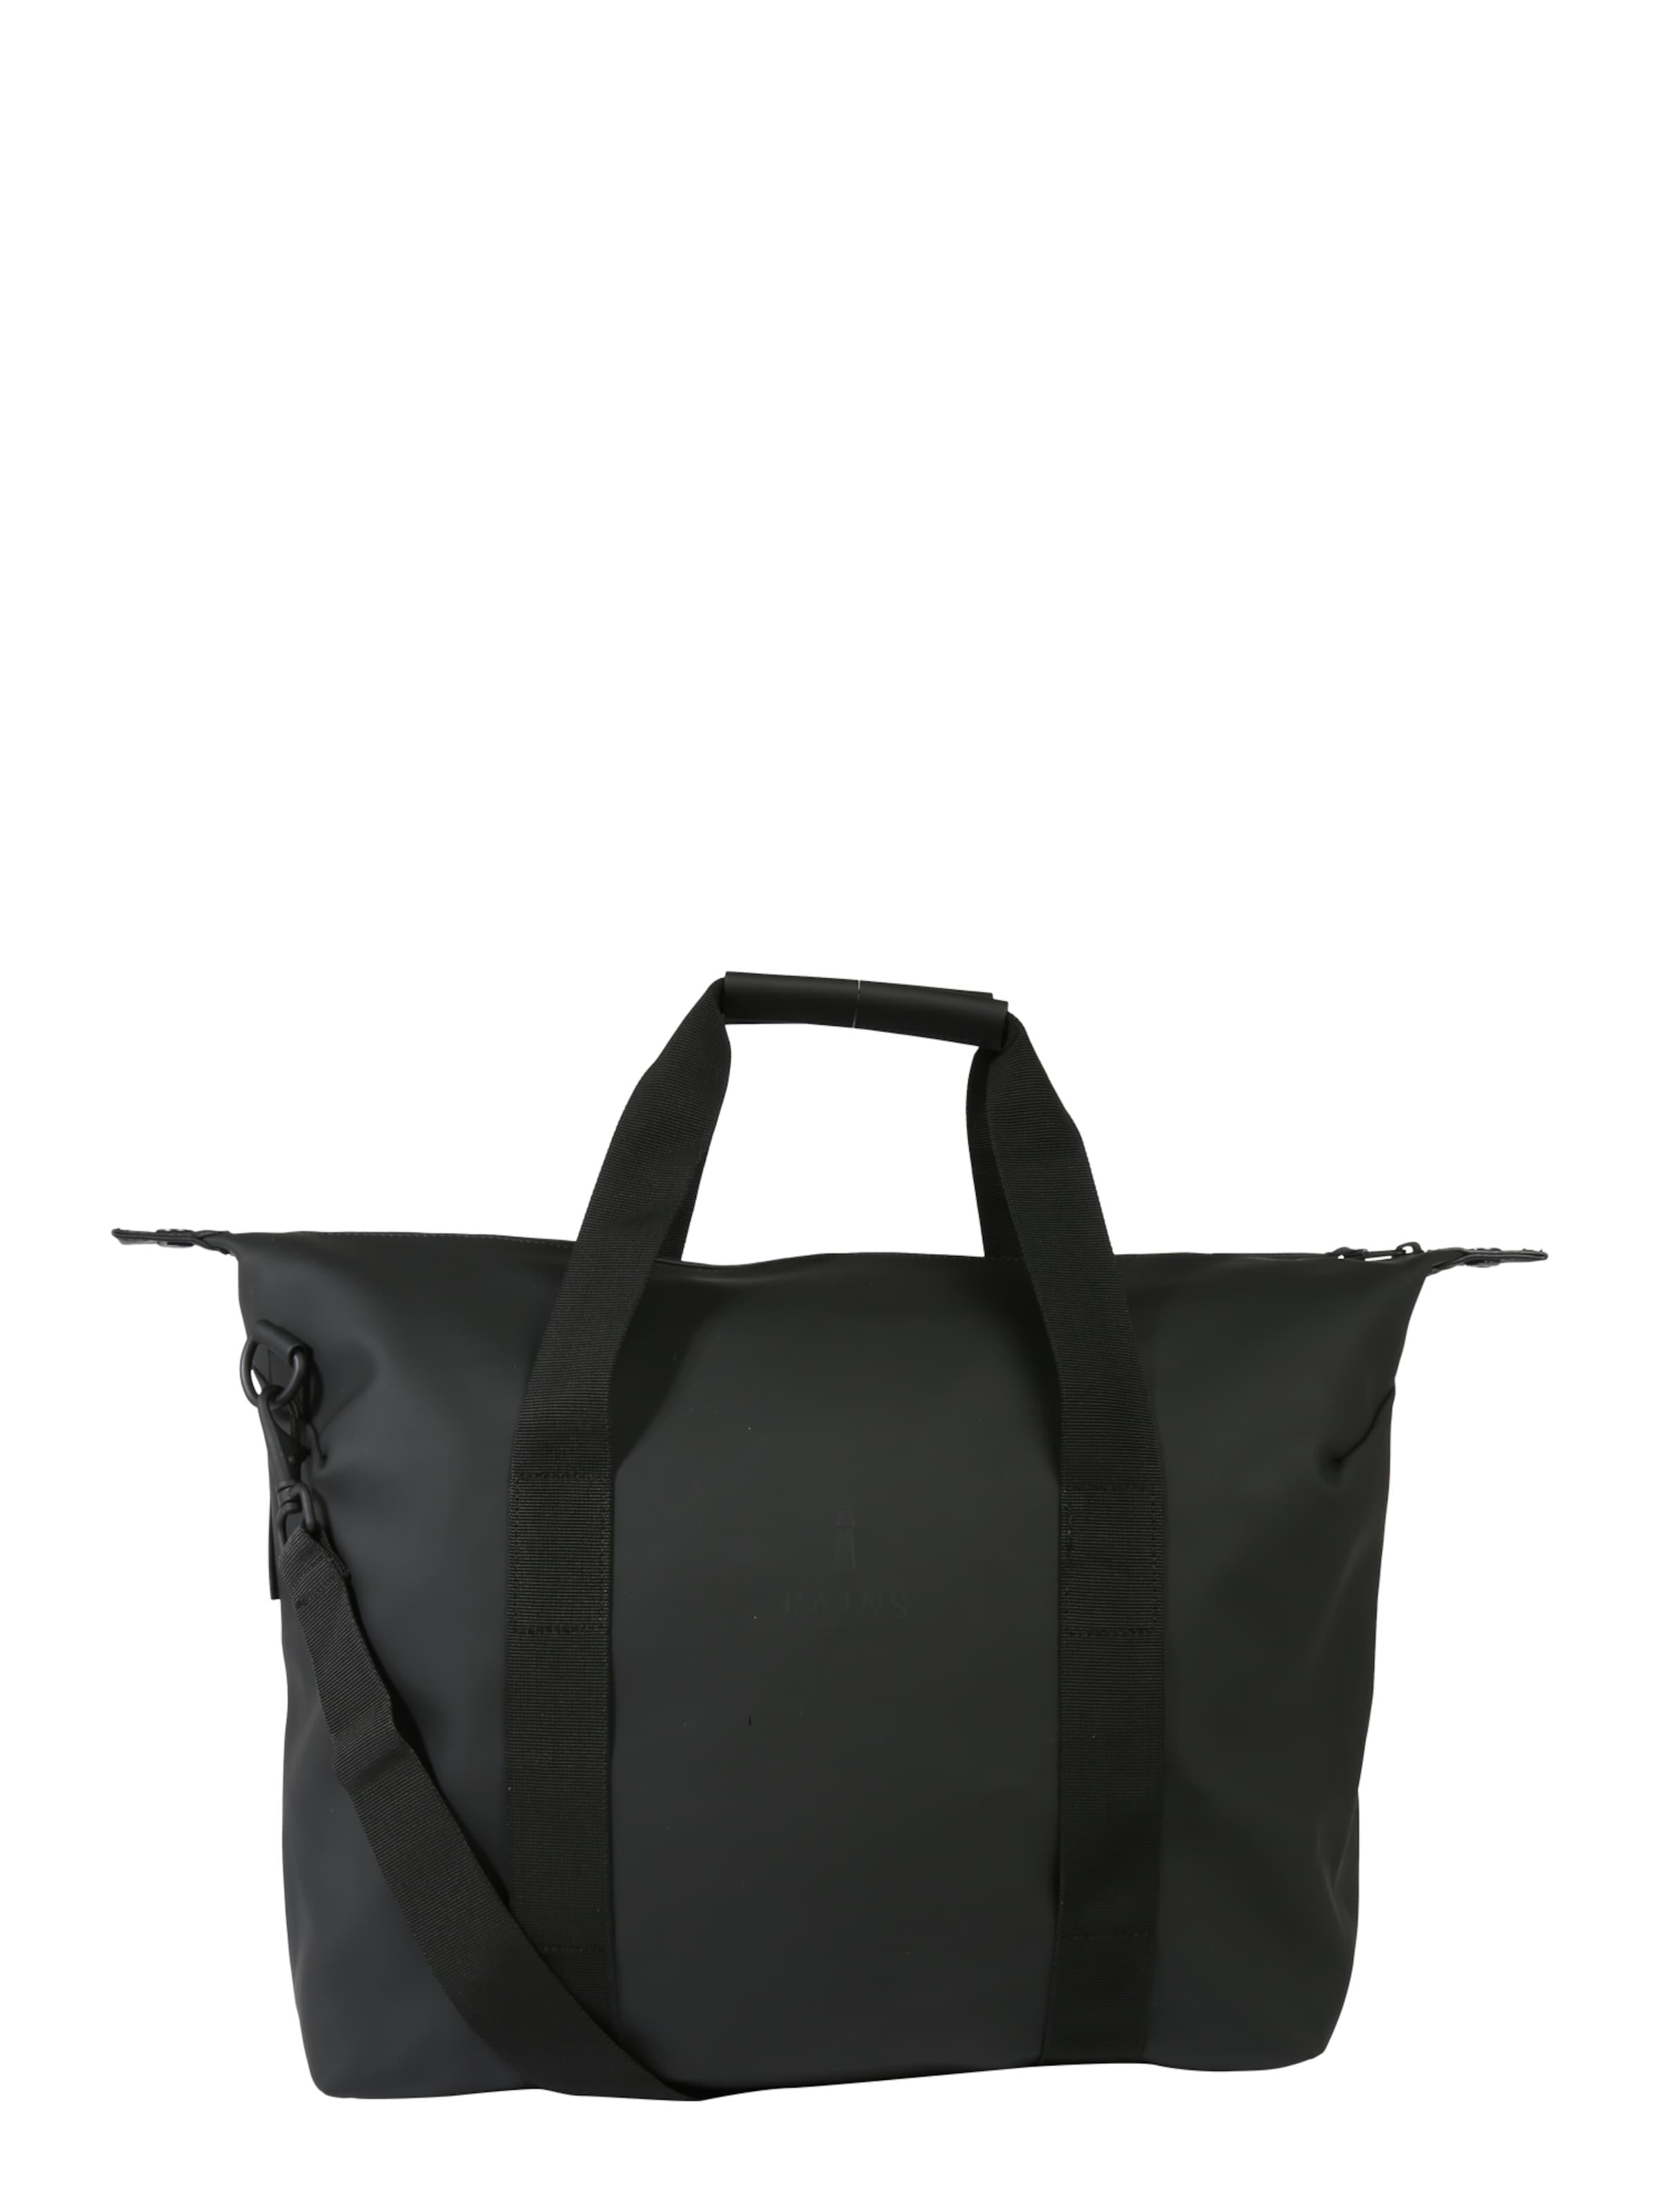 RAINS Reisetasche mit Reißverschluss 20,4L